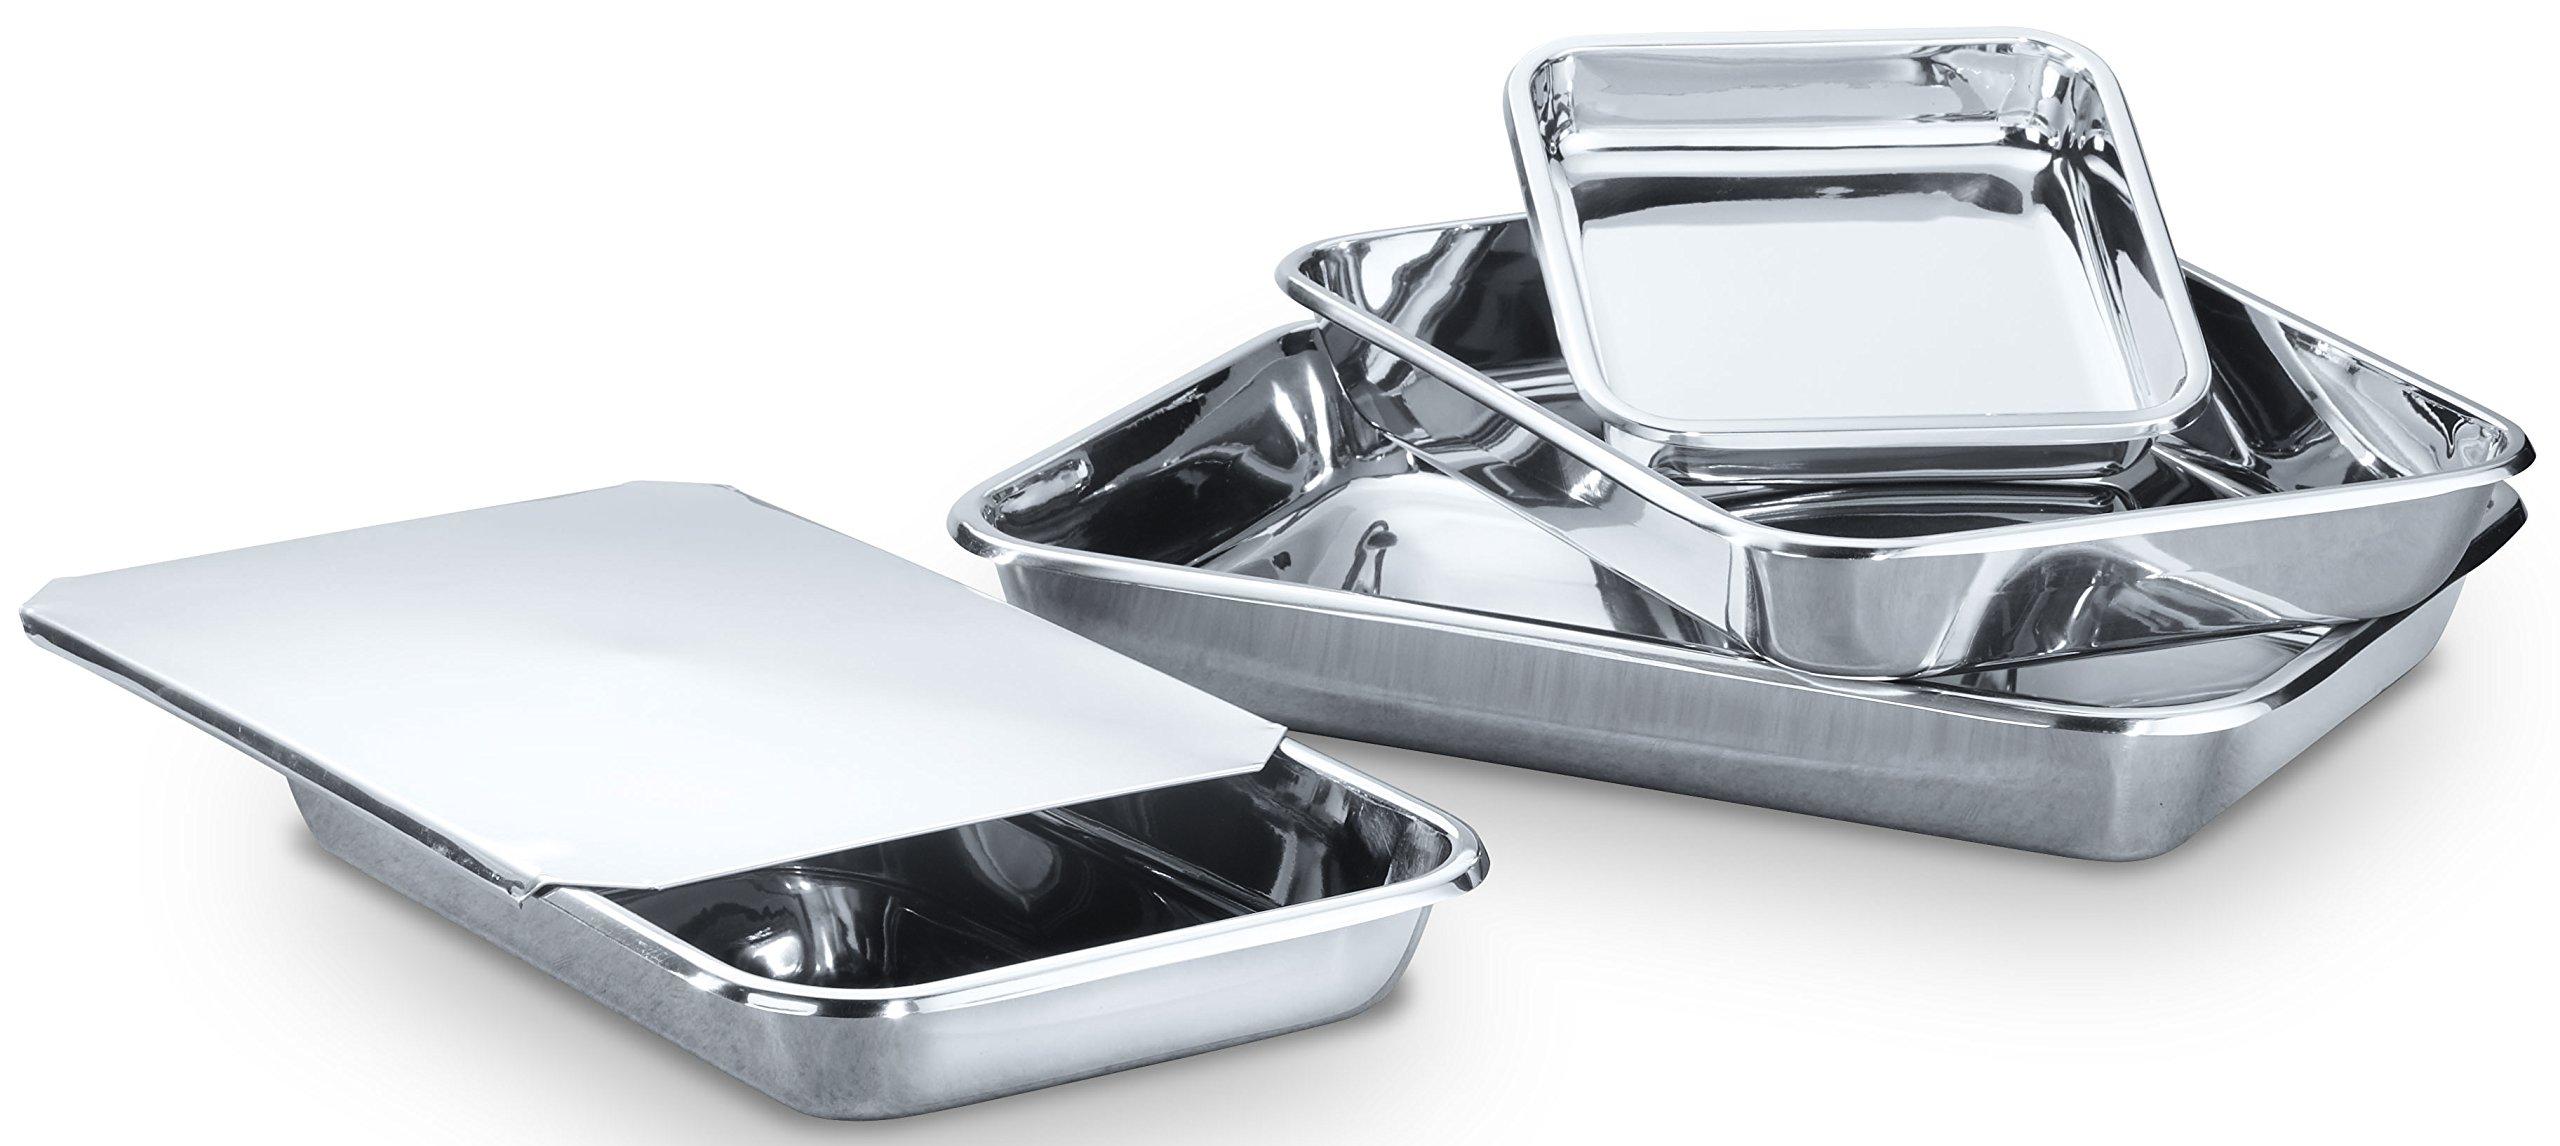 Hammer Stahl MI-138 Rectangular Bake Set Bakeware, Stainless Steel